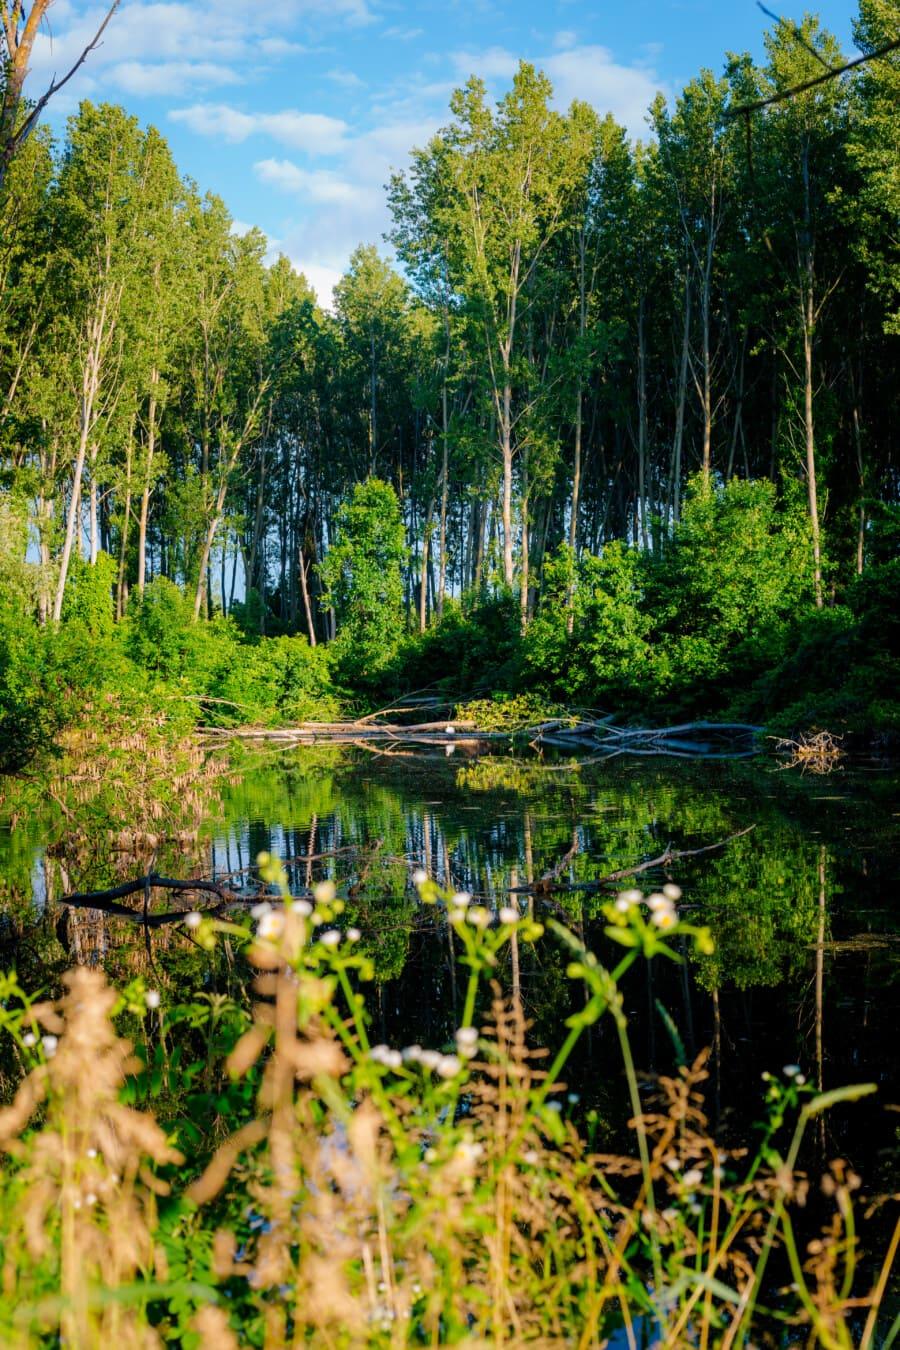 skog, myr, landskapet, treet, land, våtmarksområde, natur, tre, utendørs, blad